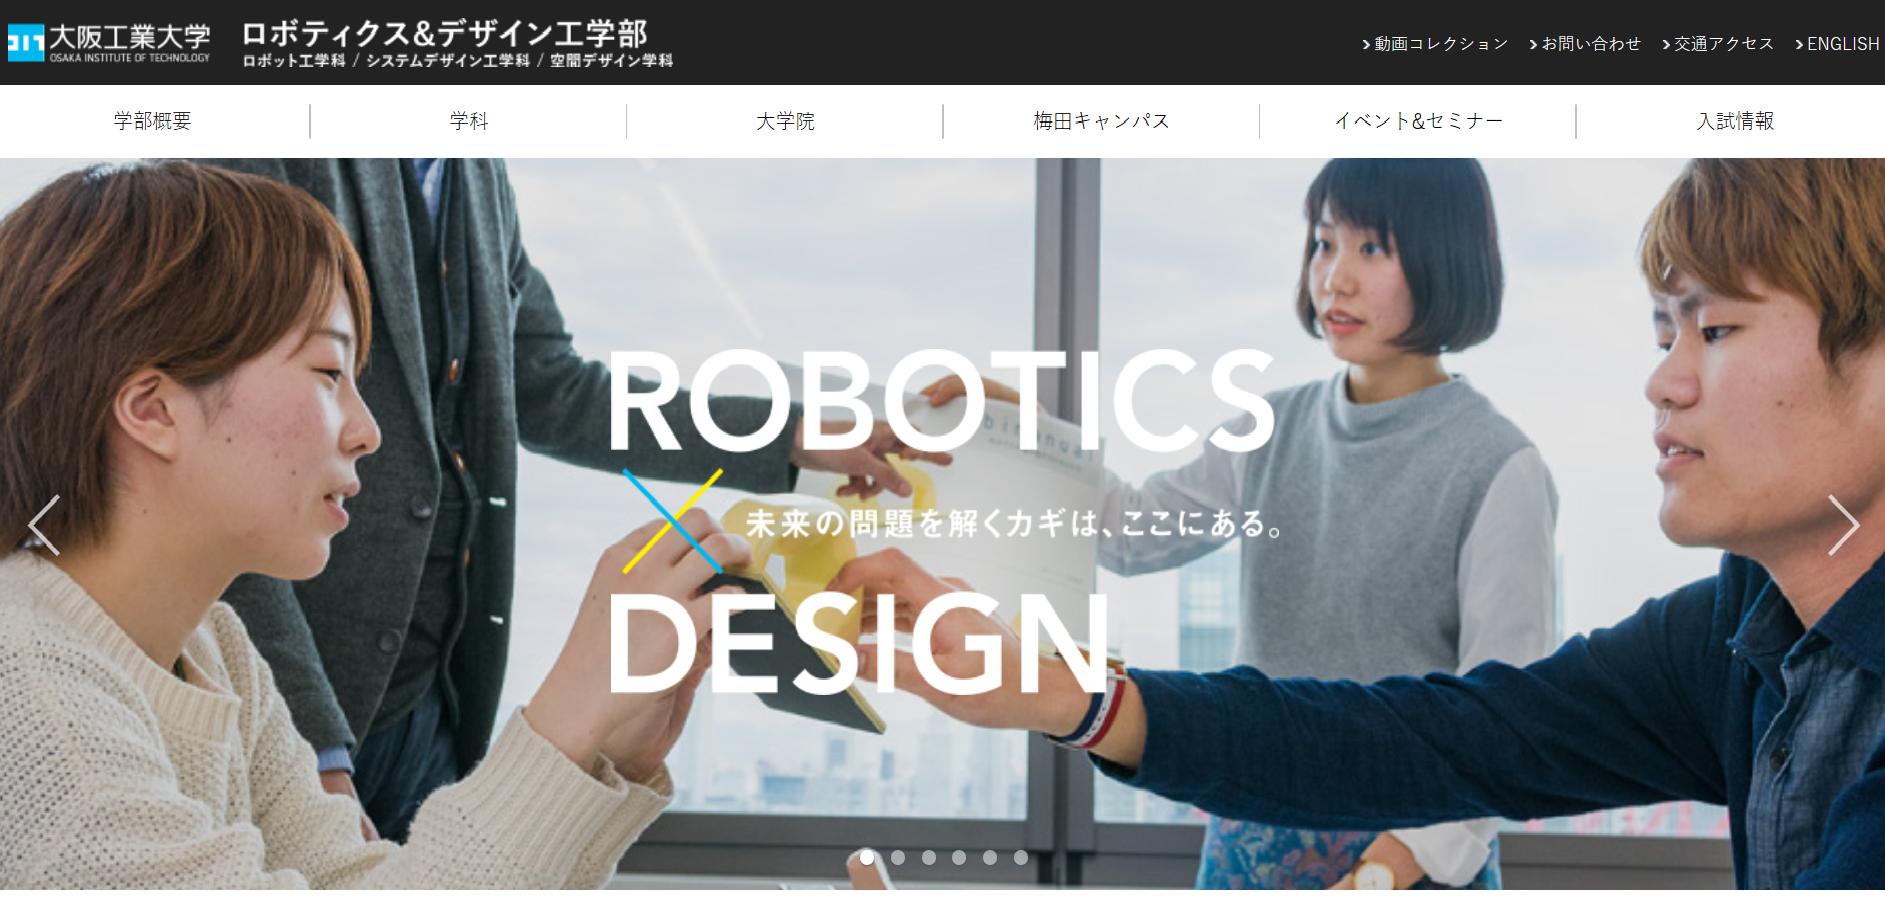 大阪工業大学の評判・口コミ【ロボティクス&デザイン工学部編】